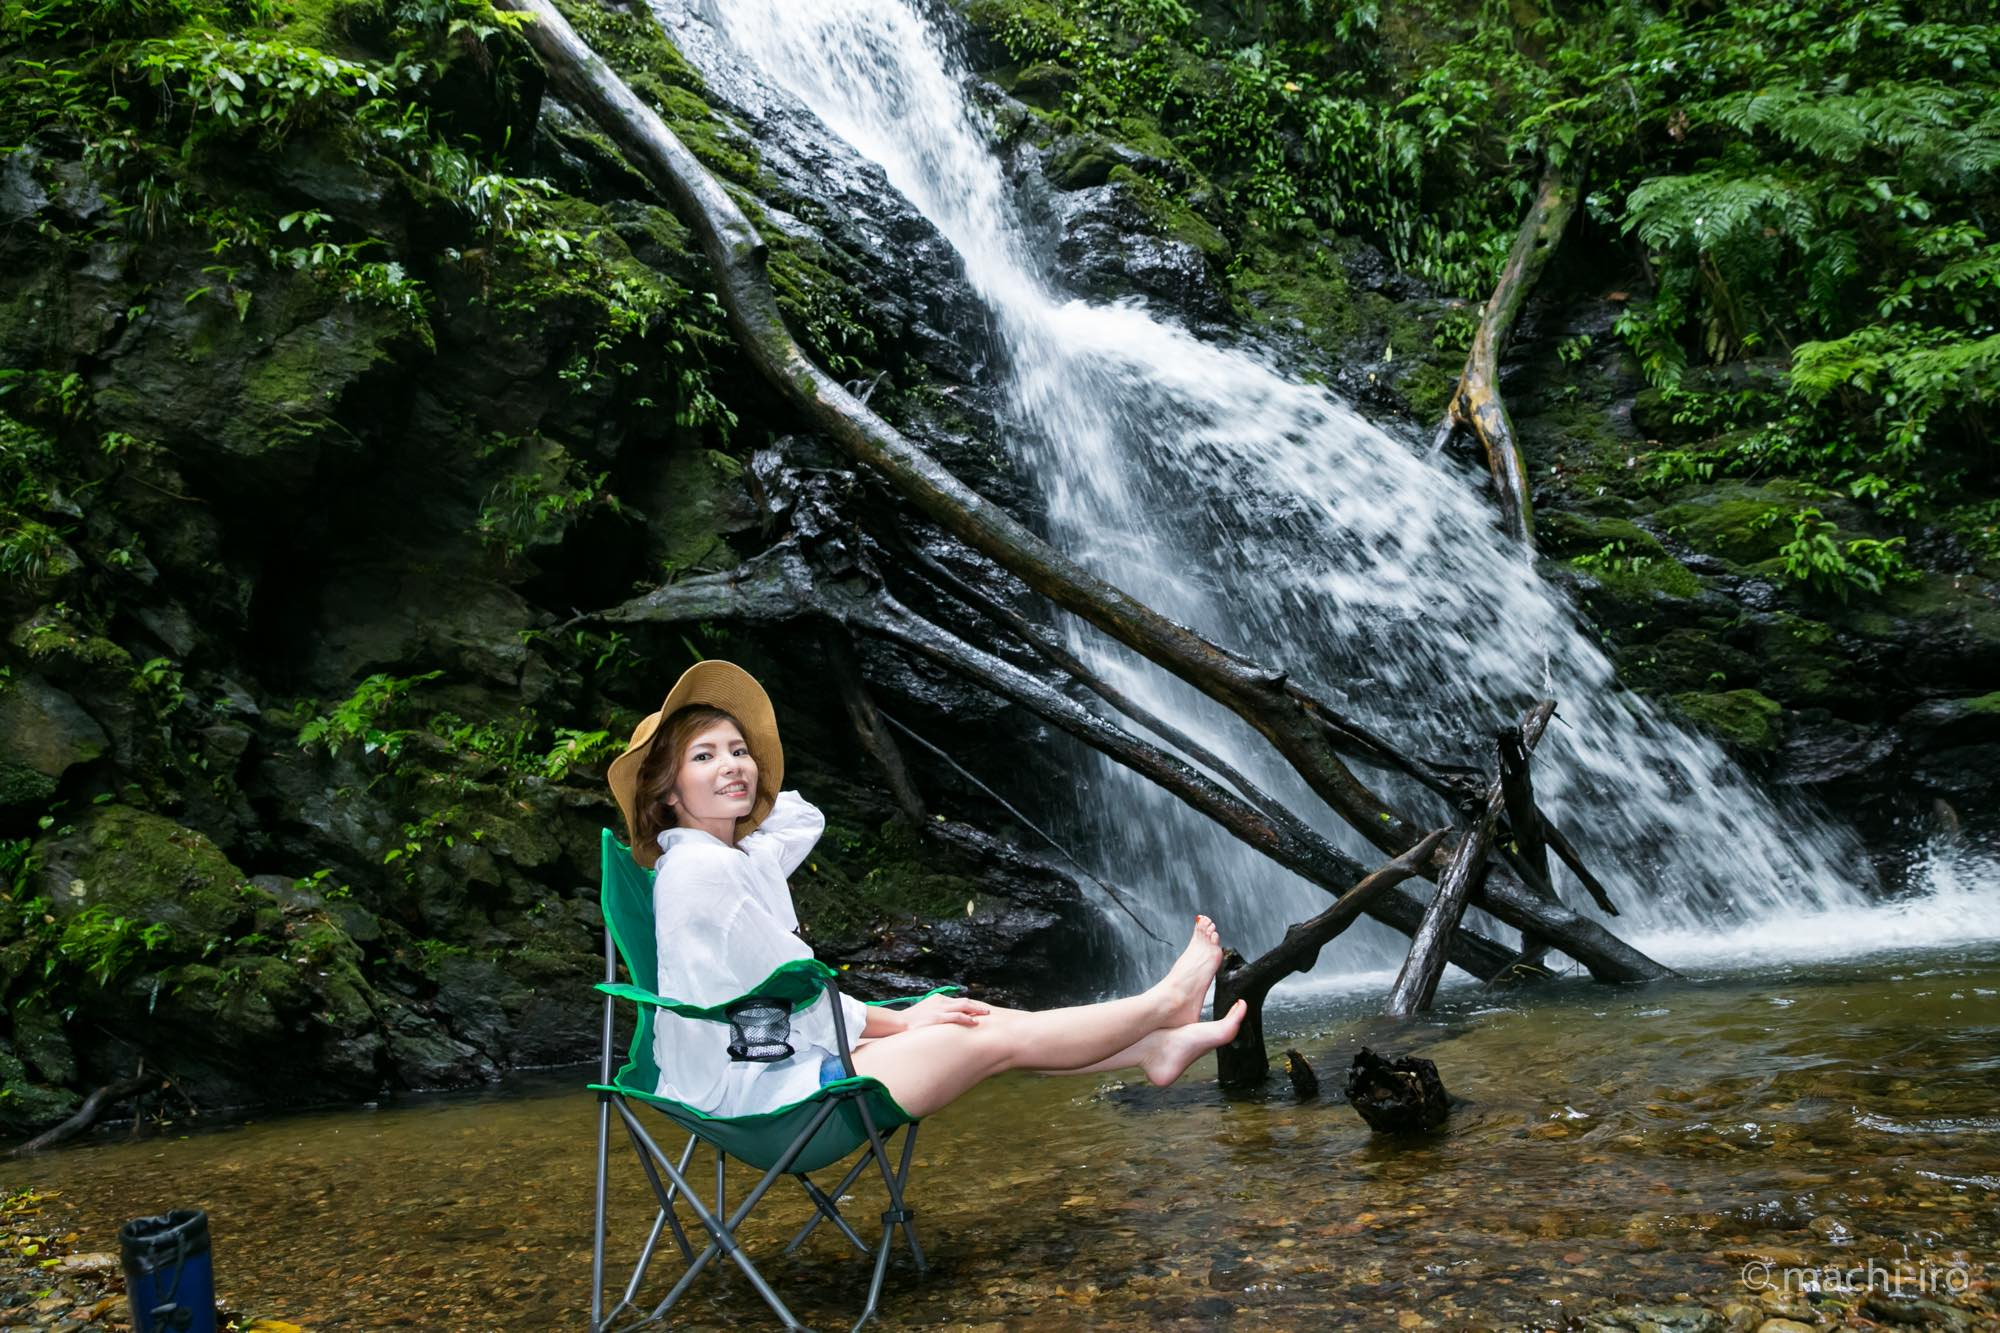 まちいろ観光特集 安念勝(アネンガチ)の滝 写真